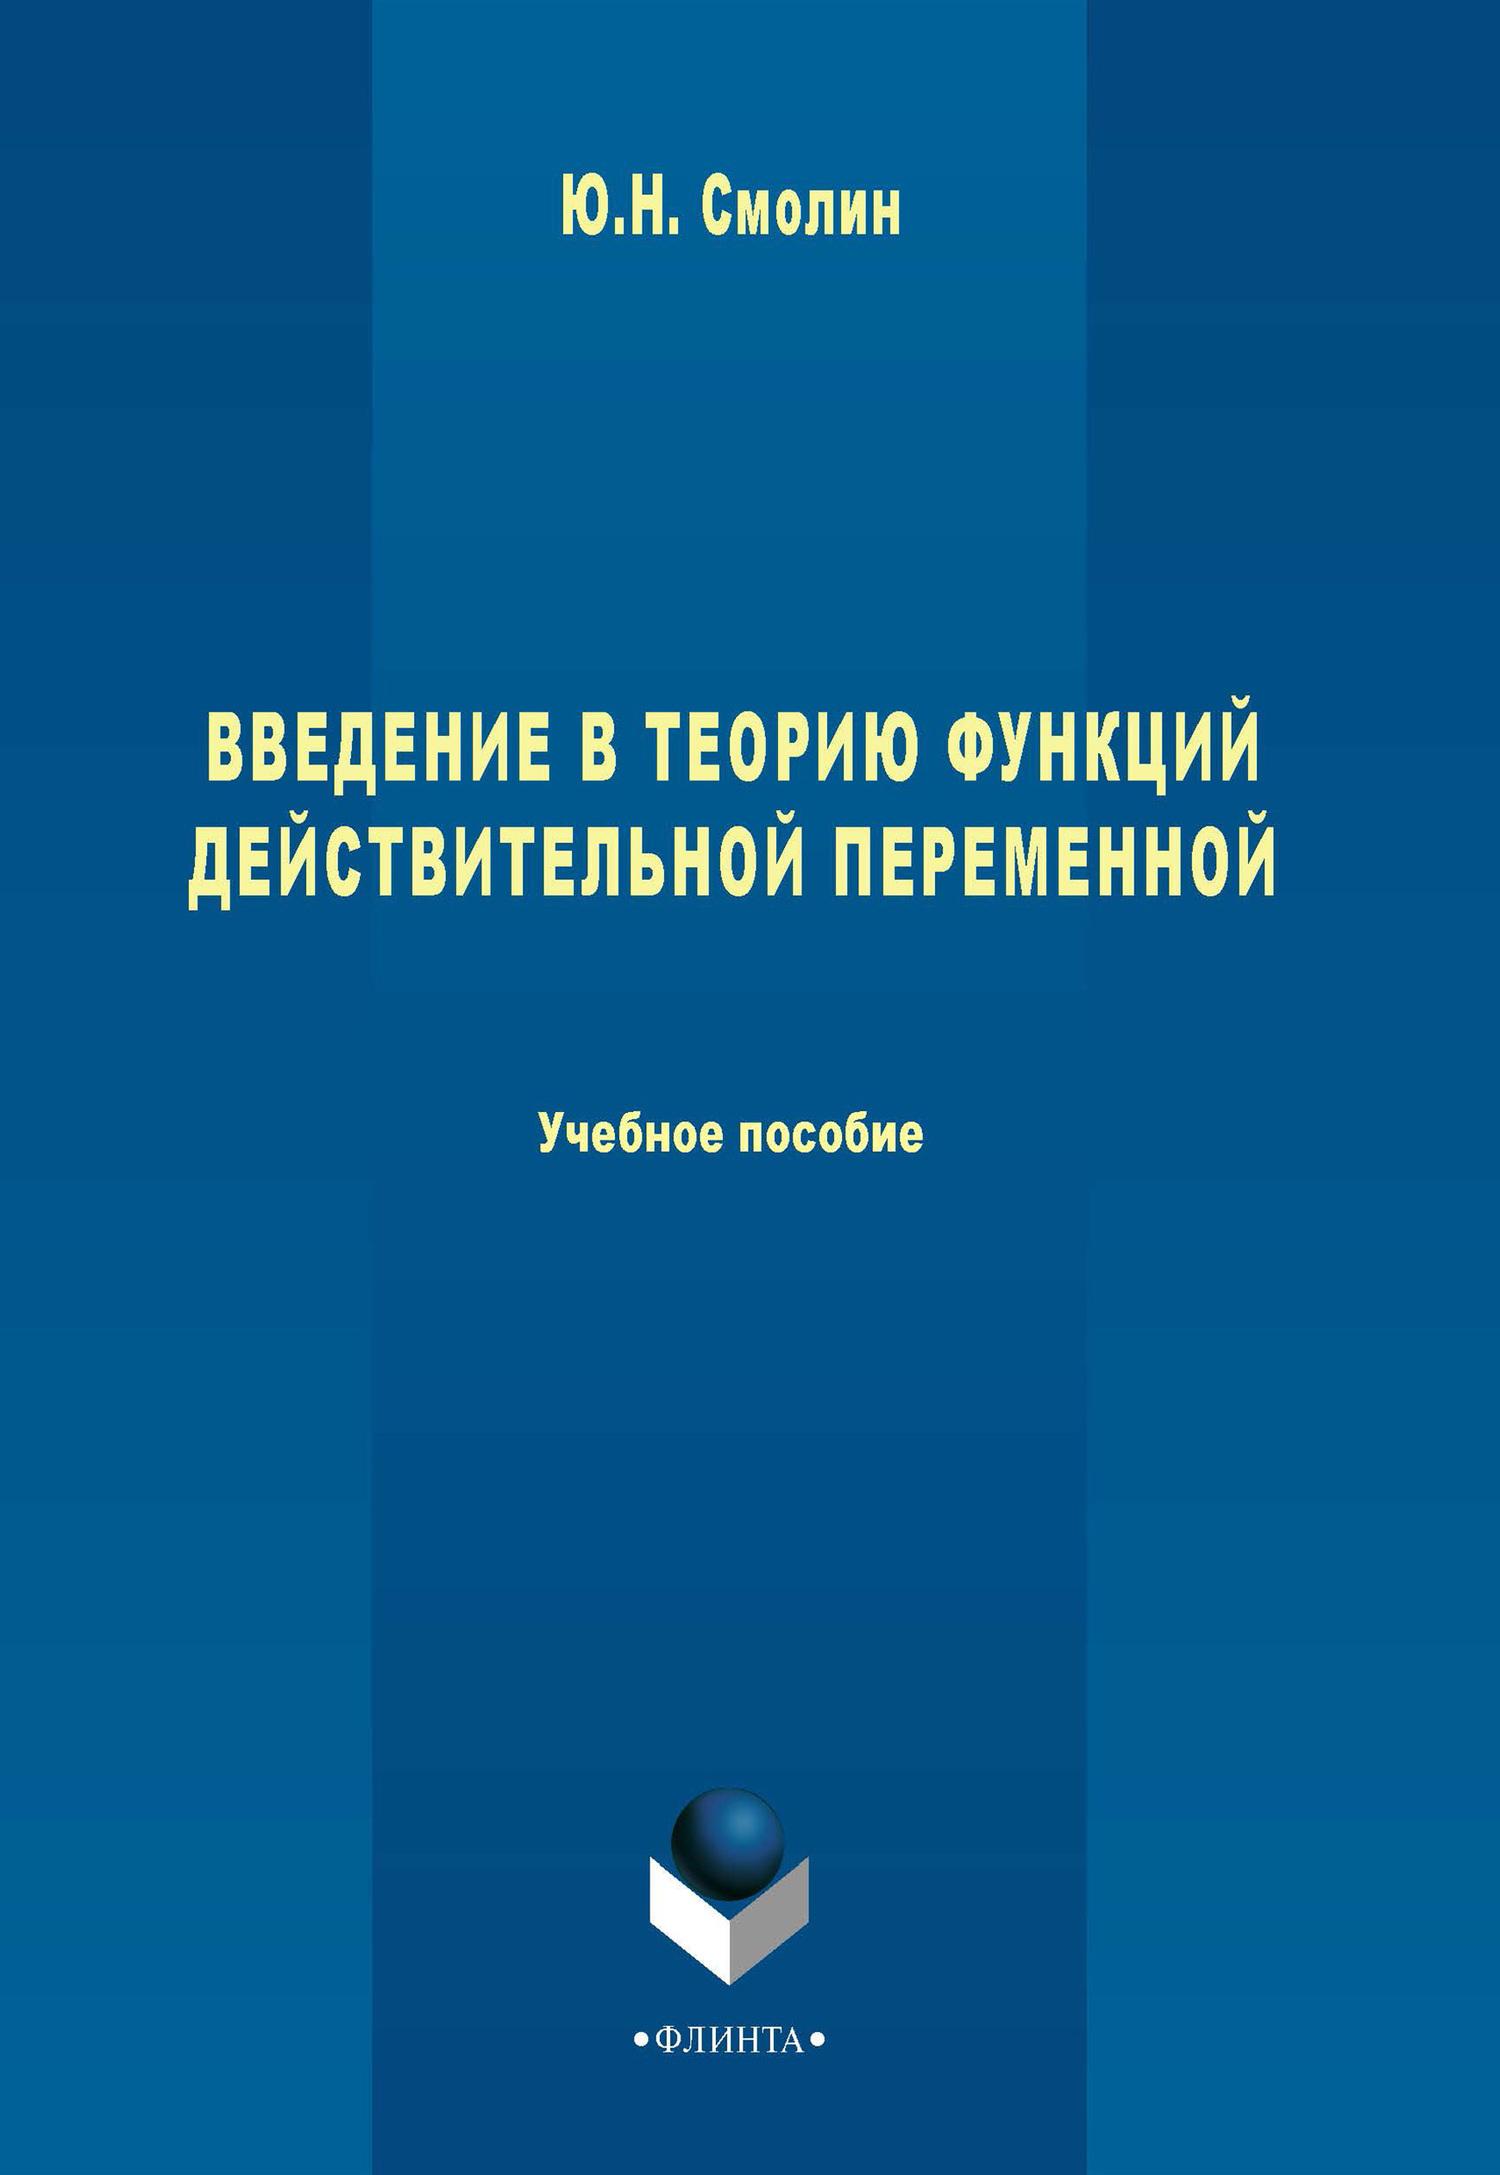 Ю. Н. Смолин Введение в теорию функций действительной переменной. Учебное пособие введение в литературоведение учебное пособие